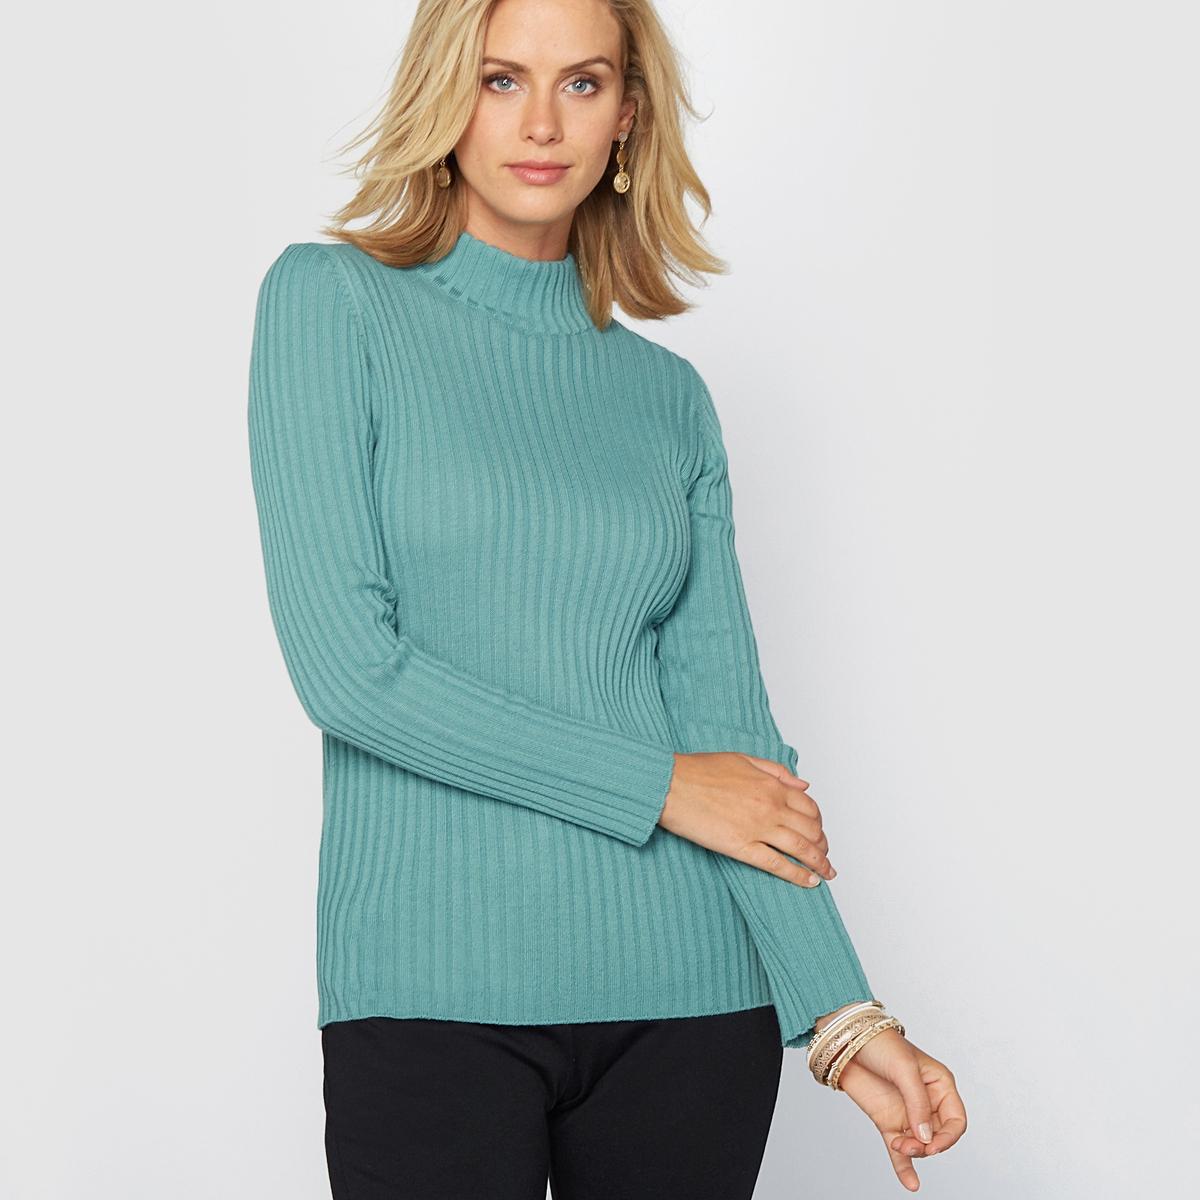 Пуловер с высоким воротником и плоскими швами, 50% шерсти мериносаПуловер с высоким воротником, 100% хлопка. Красивый трикотаж с воротником-стойкой .  50% шерсти мериноса для приятного тепла и 50% акрила для комфорта при носке . Слегка приталенный покрой, придающий женственность, можно носить под пиджаком . Приспущенные плечевые швы. Края связаны в рубчик. Длина. 60 см. Машинная стирка.    100% применяемой шерсти мериноса получено без процедуры мьюлесинга, что гарантирует благополучие животных.<br><br>Цвет: кирпичный,синий/изумрудный,хаки<br>Размер: 38/40 (FR) - 44/46 (RUS).46/48 (FR) - 52/54 (RUS).46/48 (FR) - 52/54 (RUS).46/48 (FR) - 52/54 (RUS)